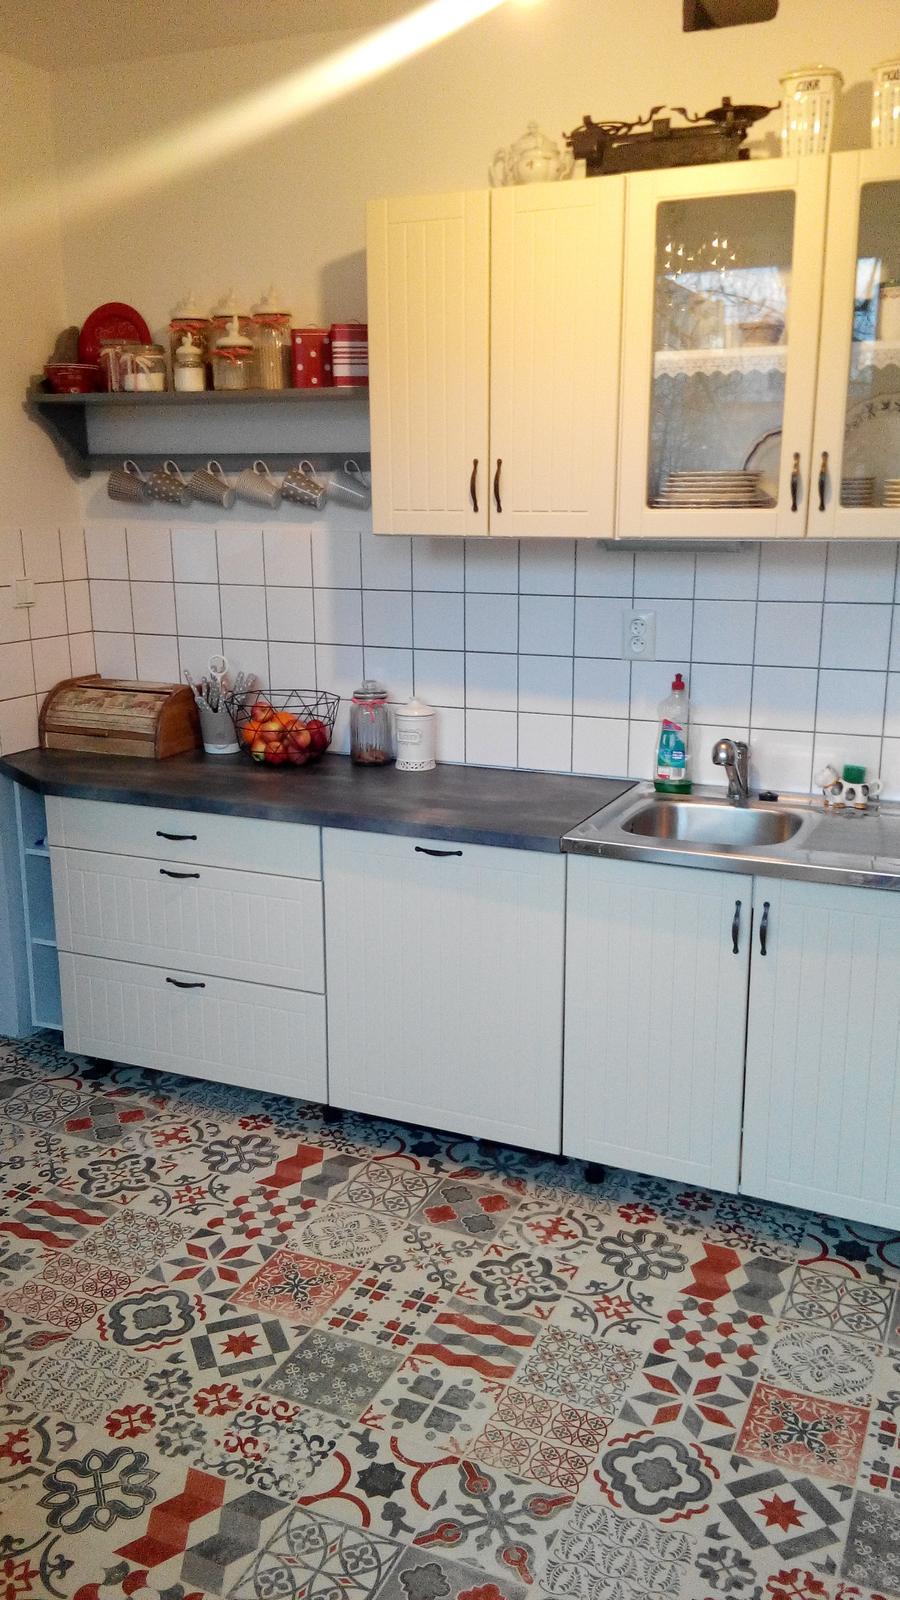 Kuchyňa - Tu uz sa to zlepsilo ale chlebnik bude iny. Rozhodla som sa pre cerveny plechovy :-)